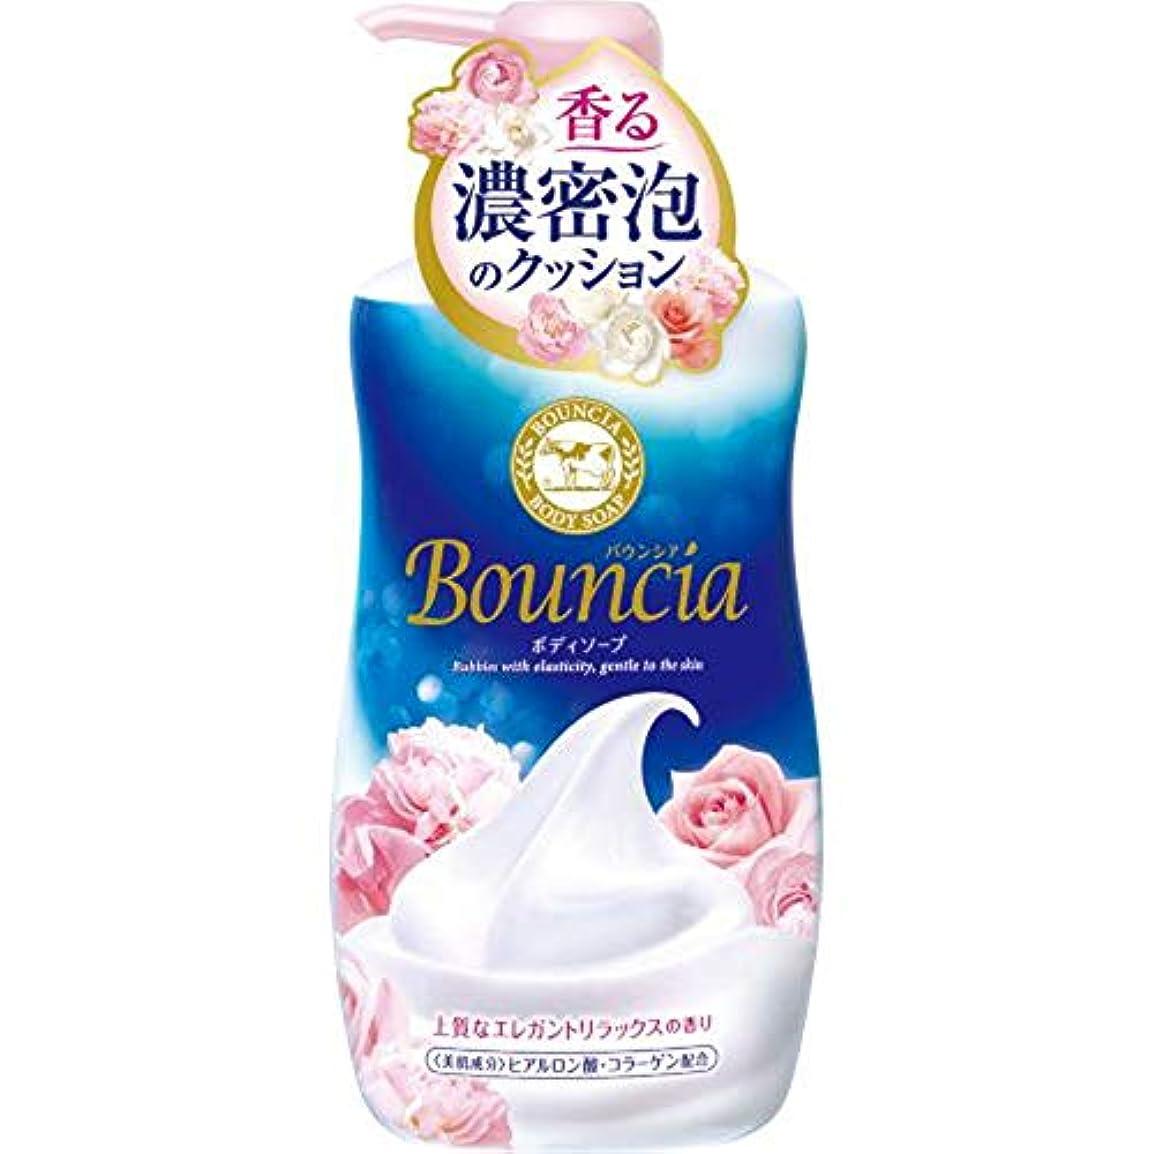 中央値世代好みバウンシア ボディソープ エレガントリラックスの香り ポンプ 550mL